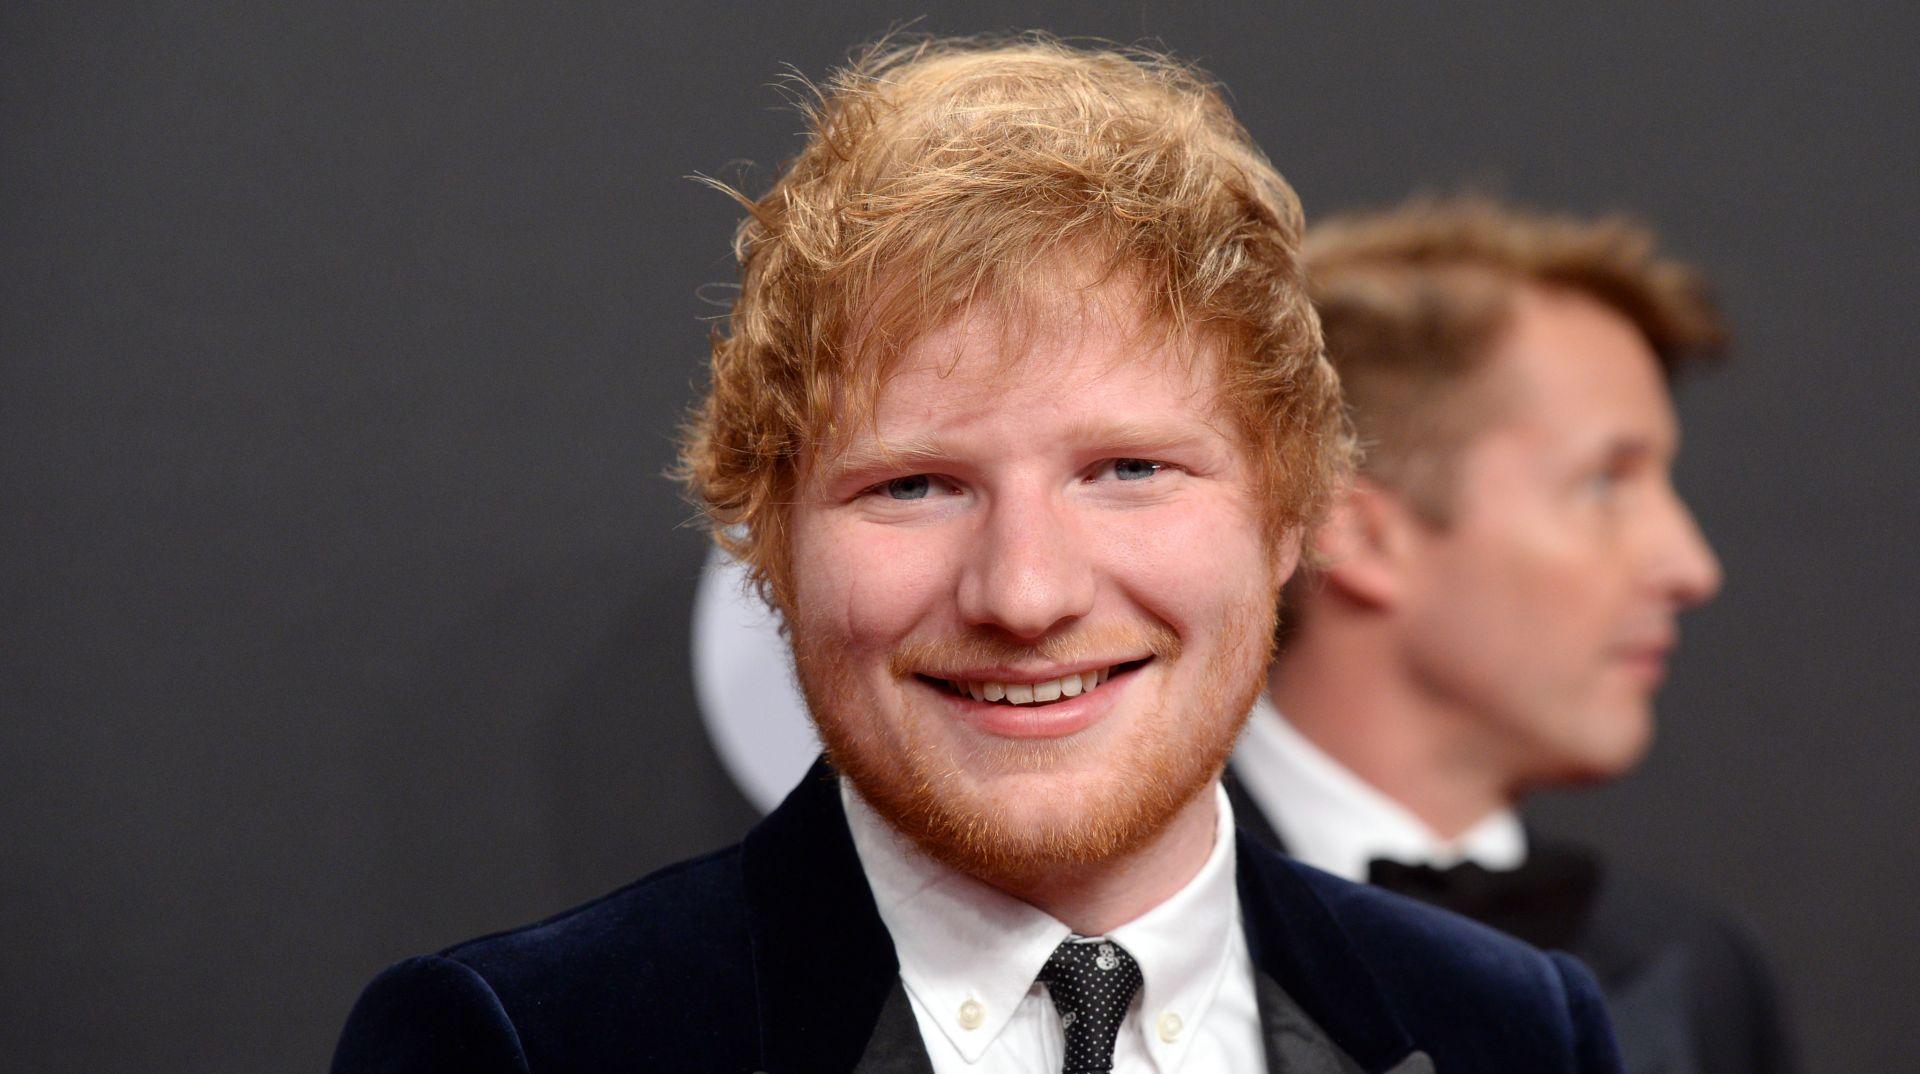 POTVRDILI PRODUCENTI Ed Sheeran u sedmoj sezoni 'Igre prijestolja'